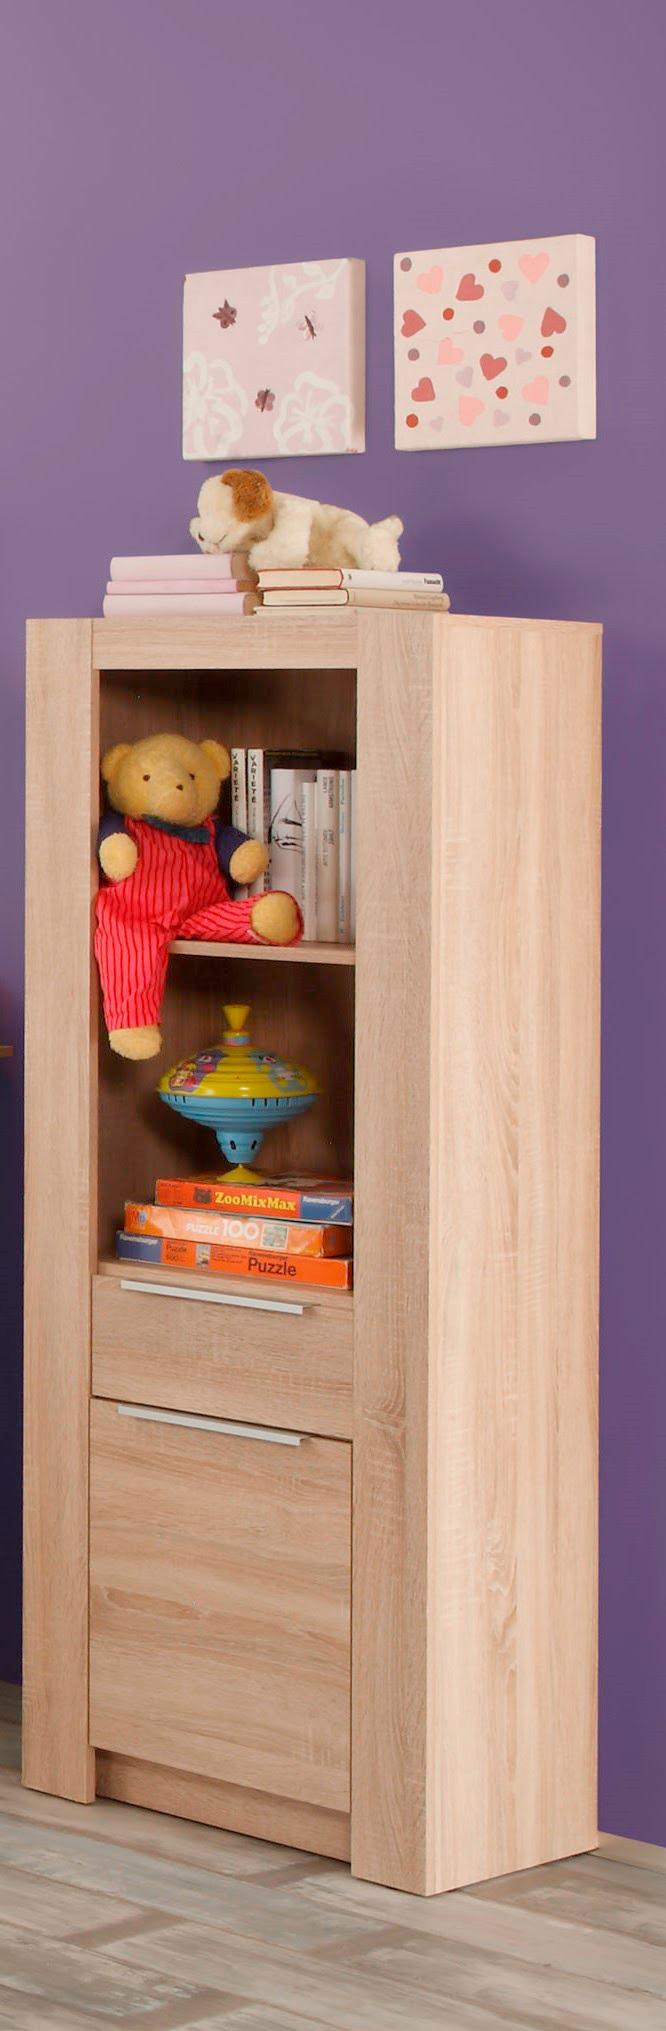 Bibliothèque enfant contemporaine chêne clair Charlotte